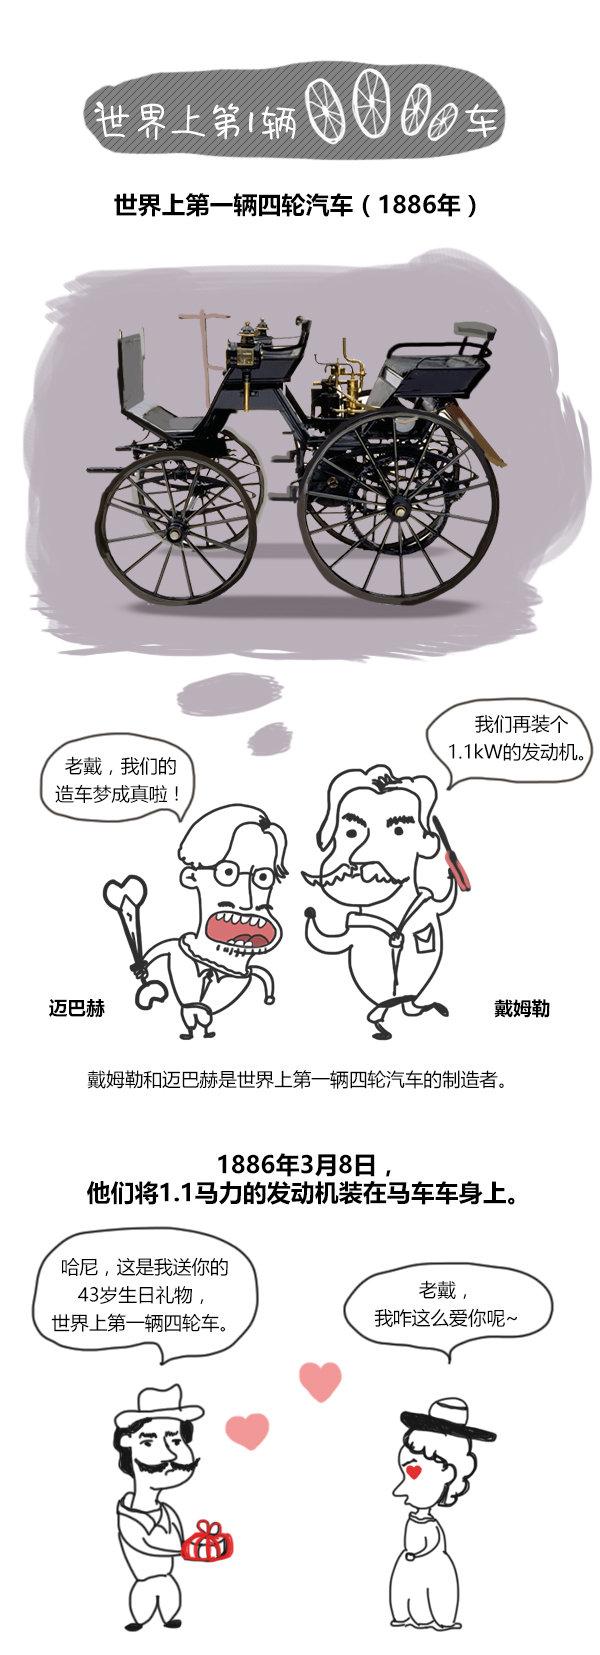 """致敬发明家 说说汽车圈""""第一次""""那些事-图4"""